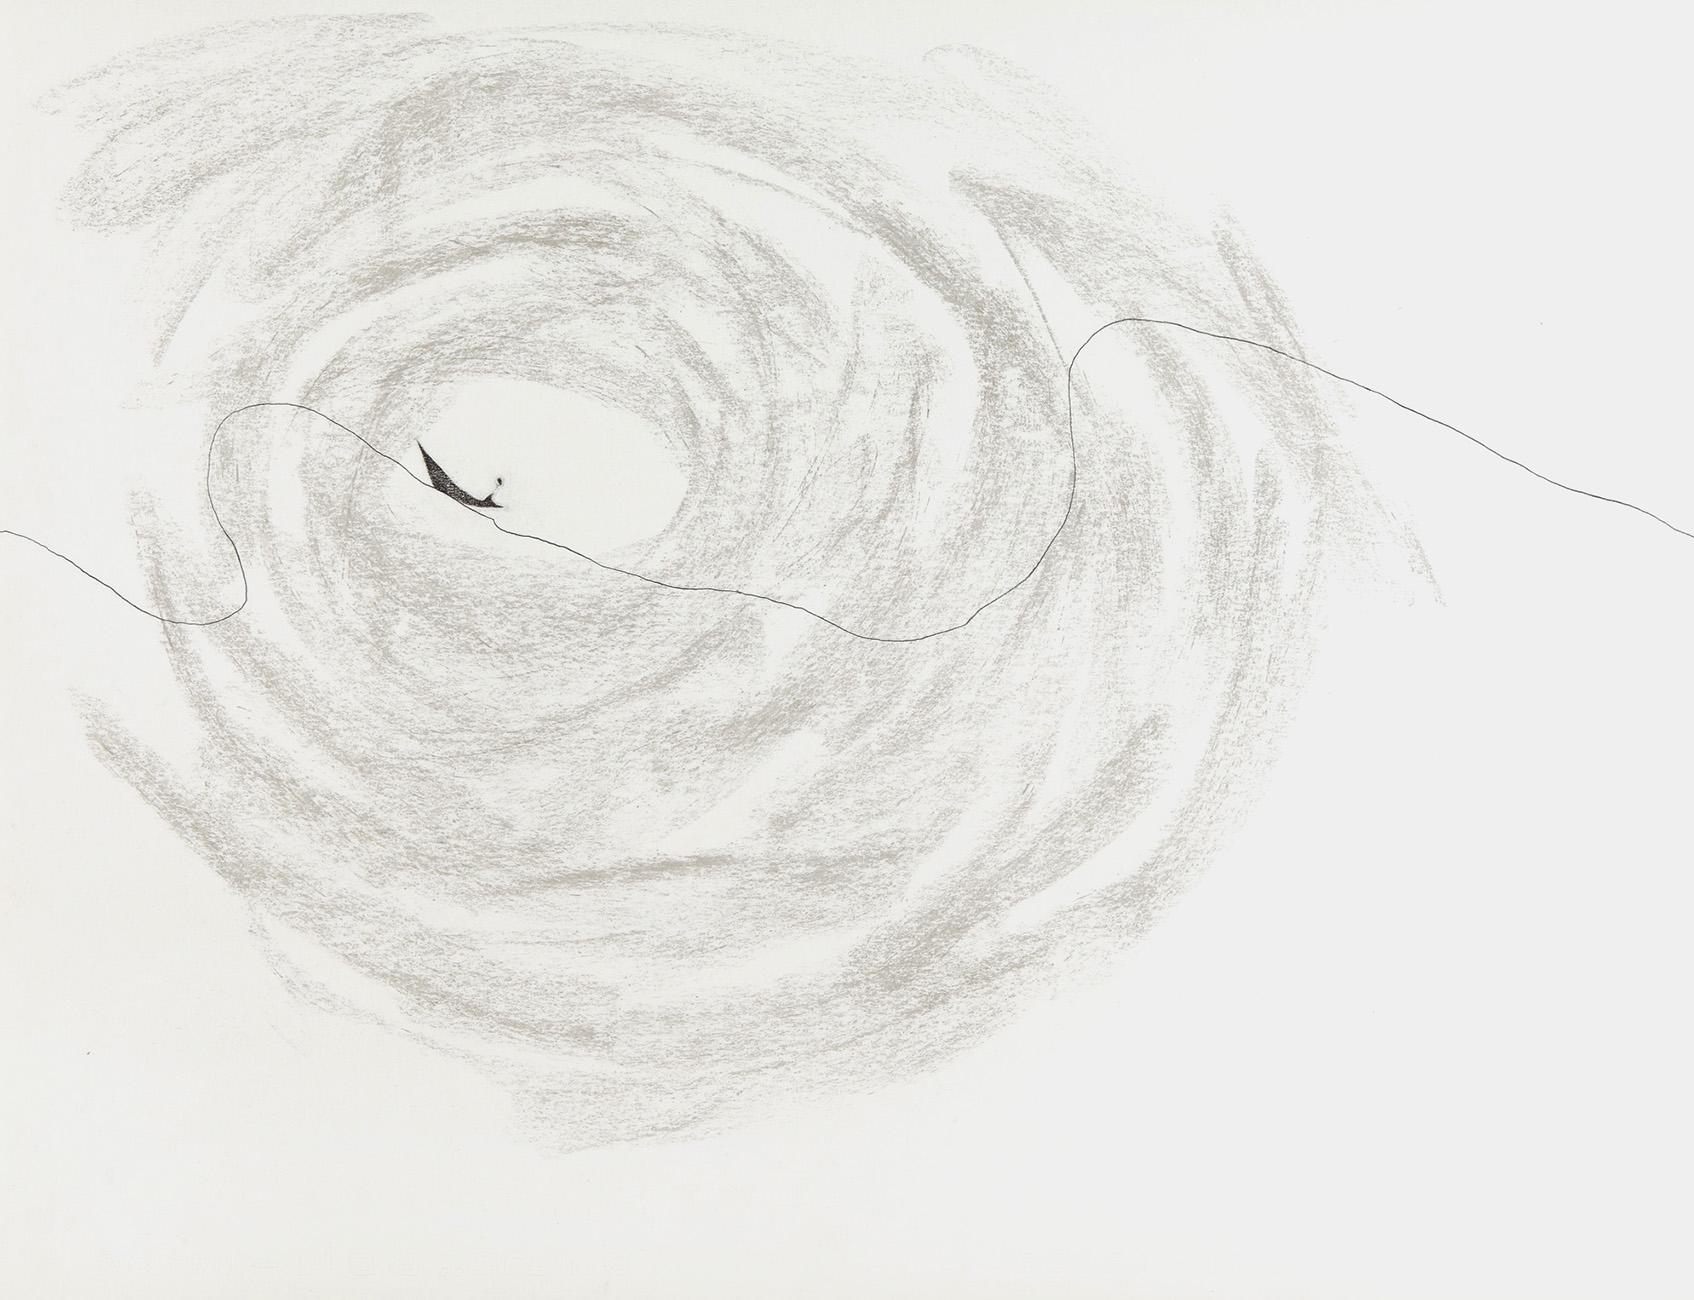 Klein grijs op lijn  - potlood & pastelkrijt  -  50x70 cm - verkocht